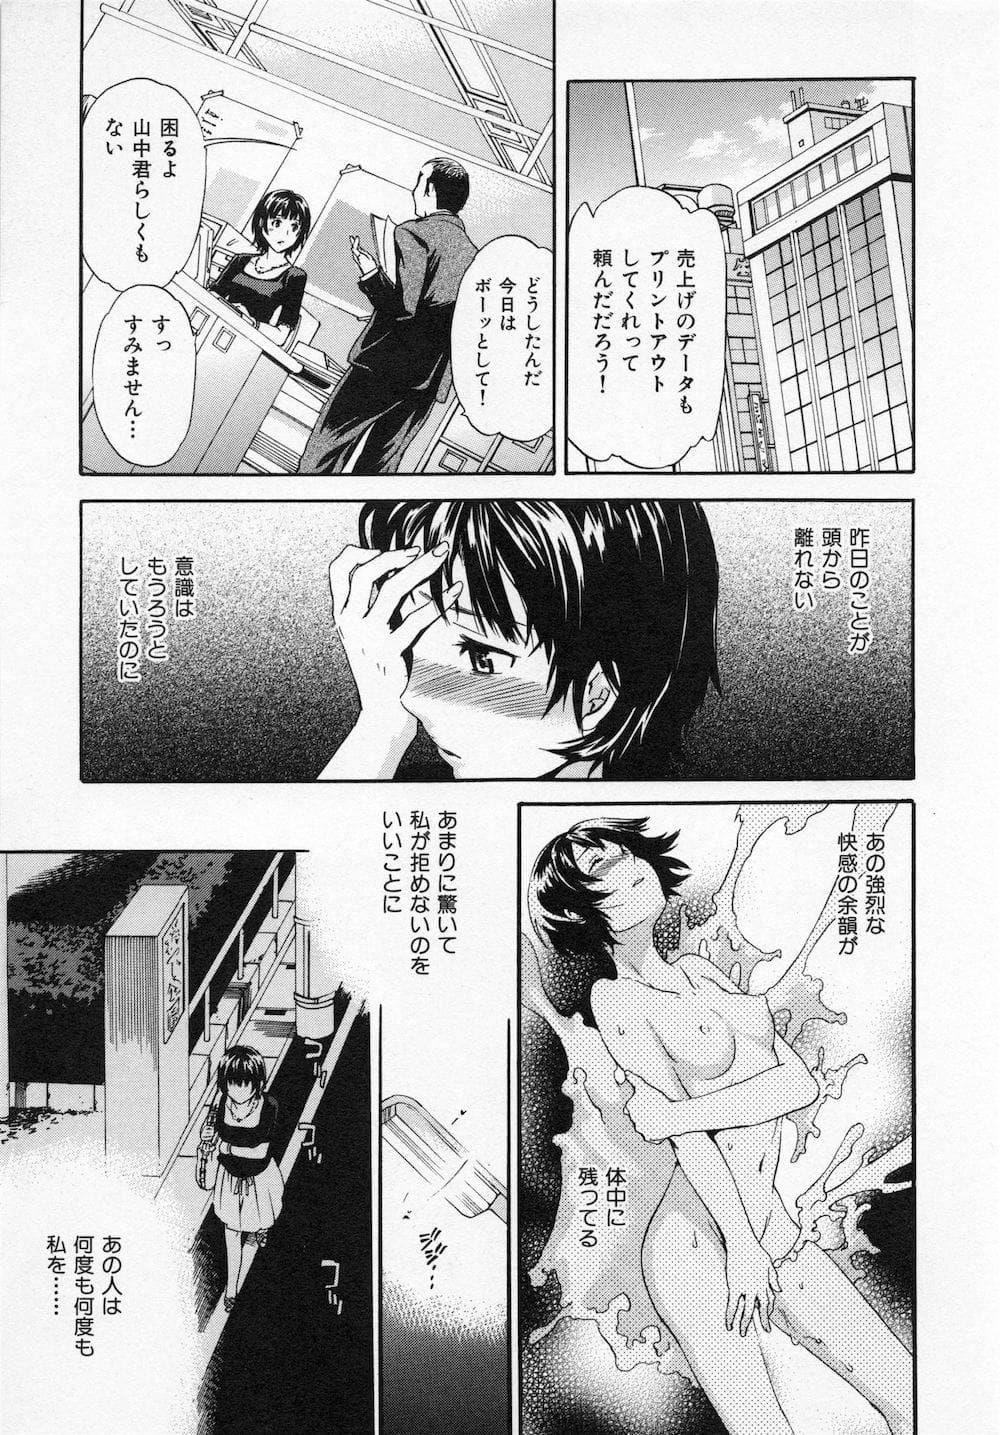 【エロ漫画・同人誌】彼氏とのセックスでは全然感じなかった女が伯父に犯されて淫乱になり夜の公園でセックスwww 009